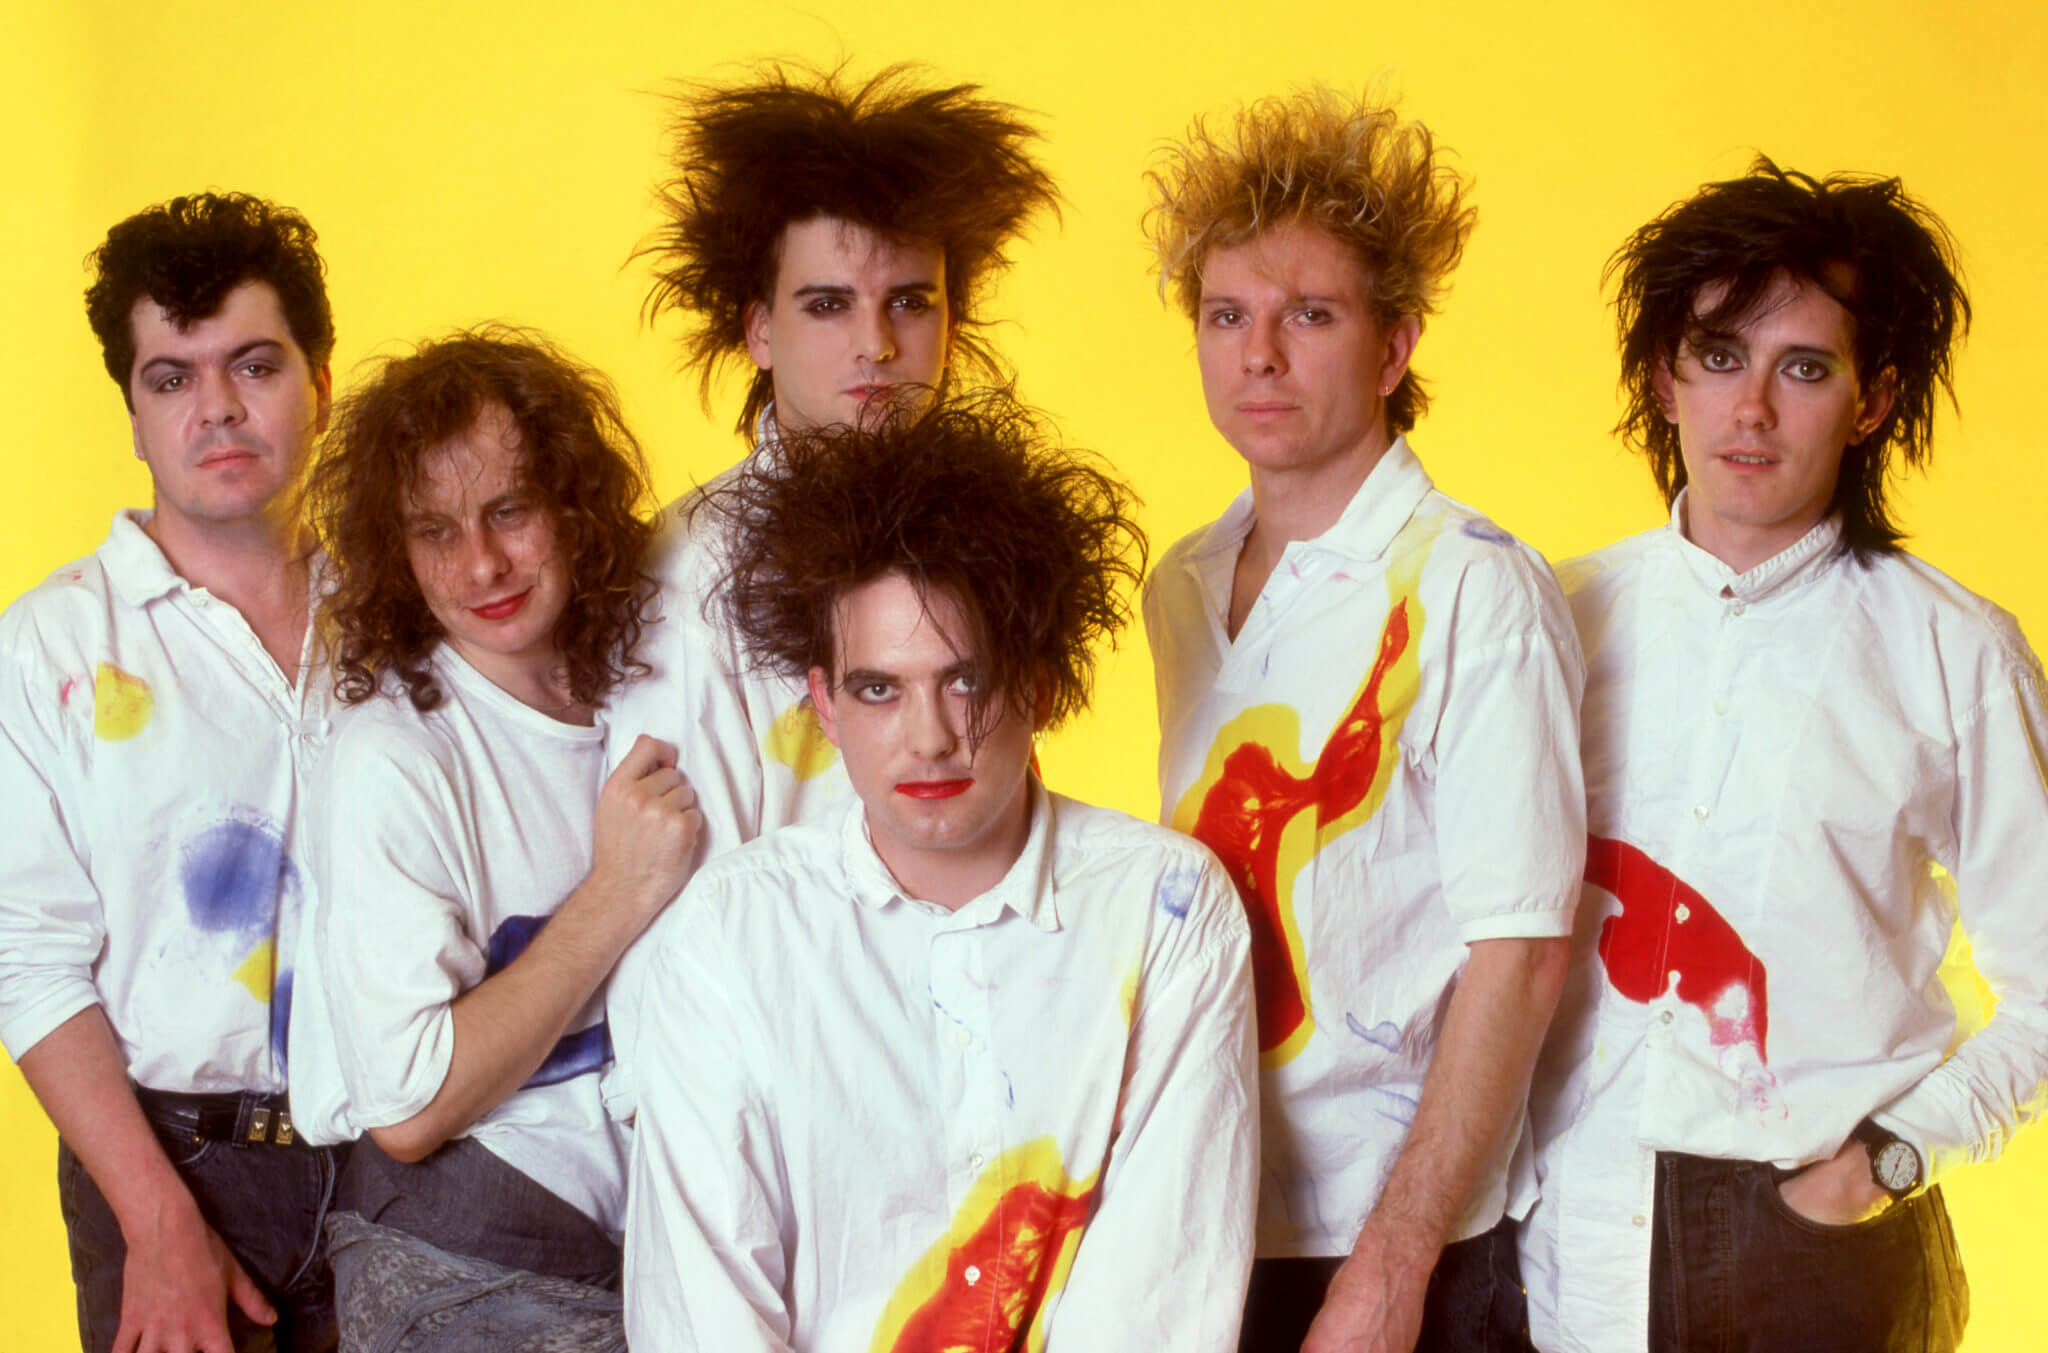 Robert Smith confirma que The Cure lanzará su primer disco en 11 años